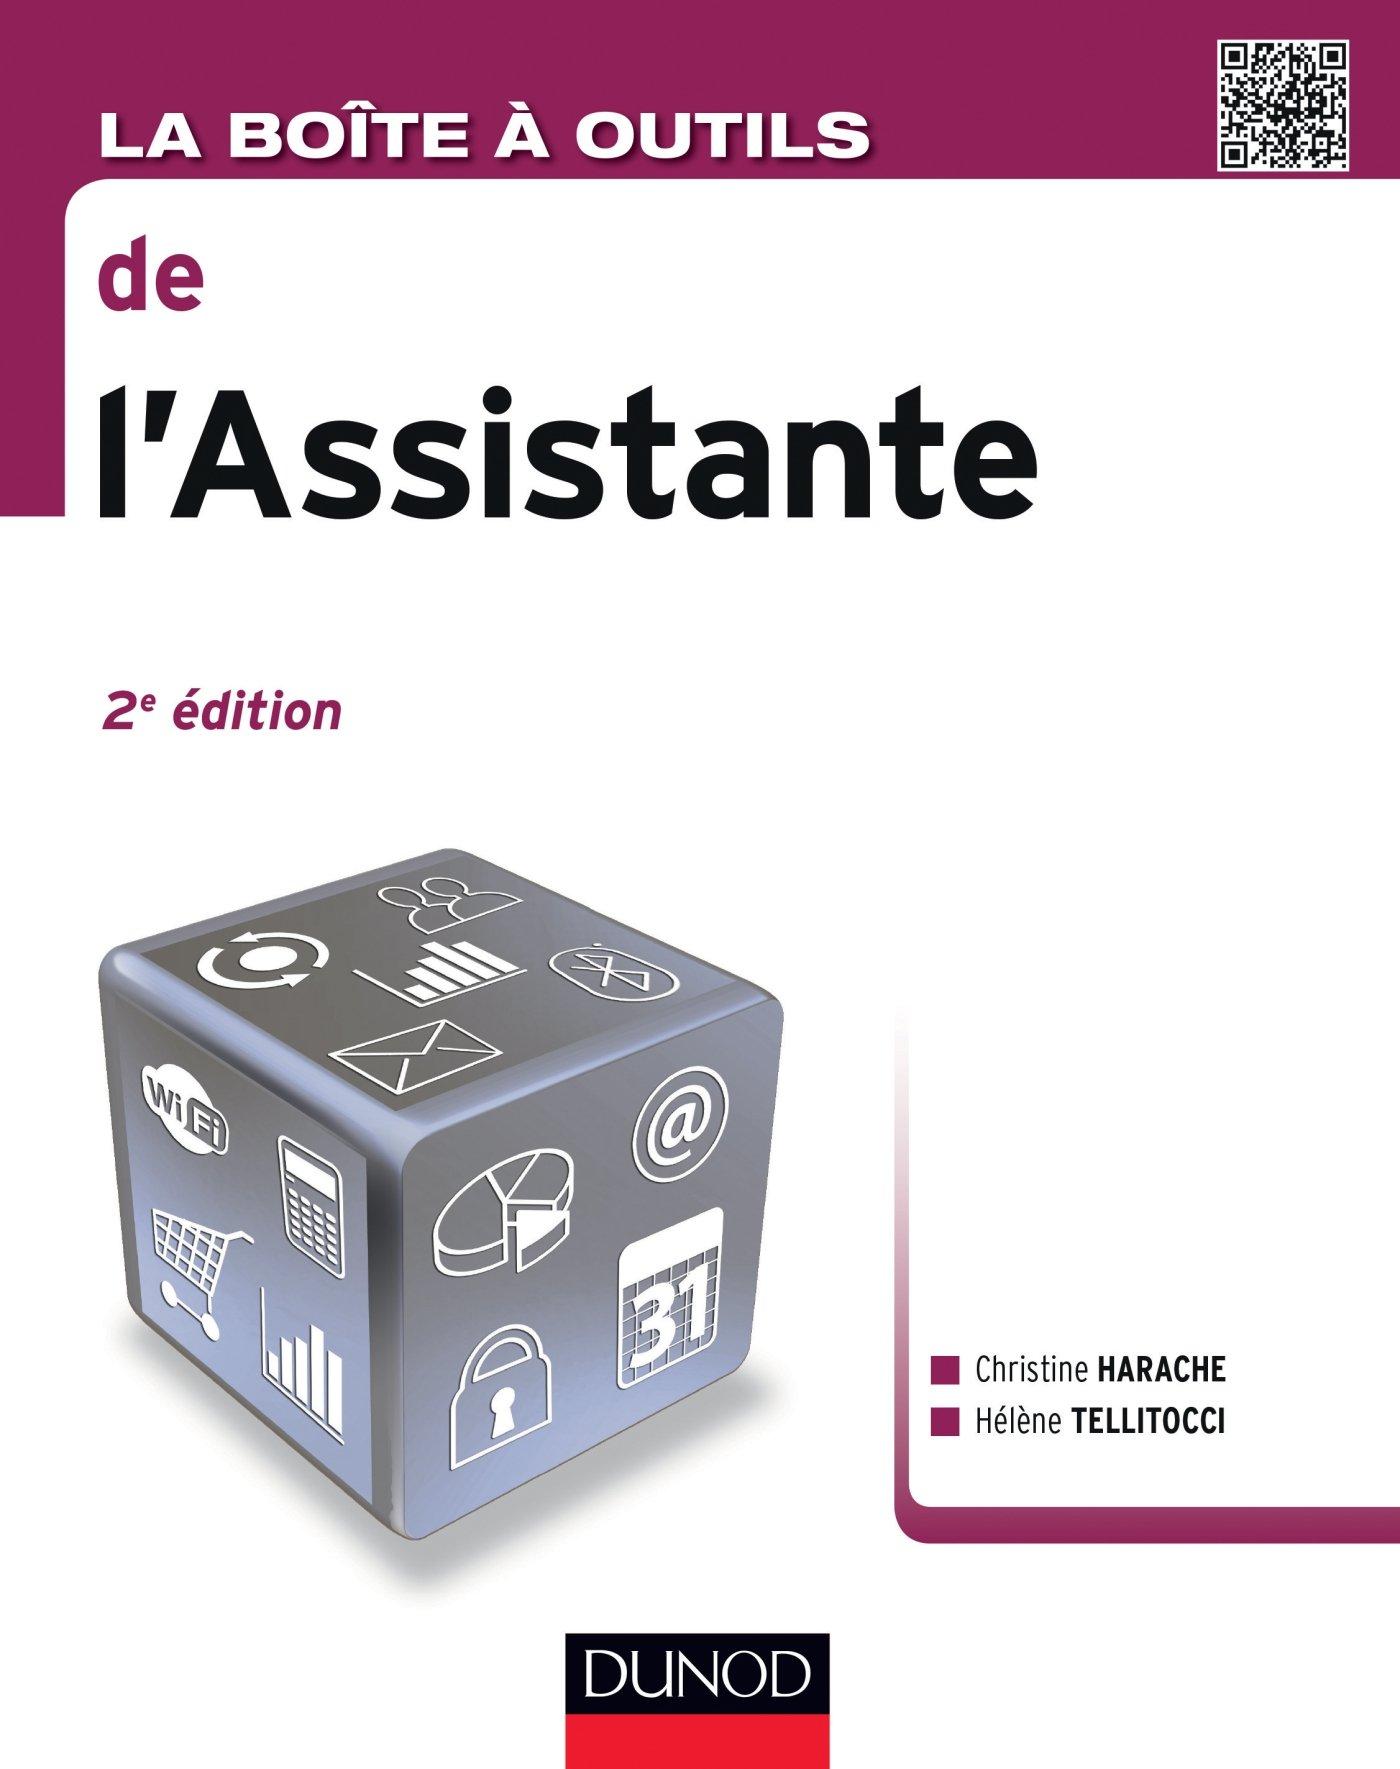 t l charger la bo te outils de l 39 assistante pdf french. Black Bedroom Furniture Sets. Home Design Ideas